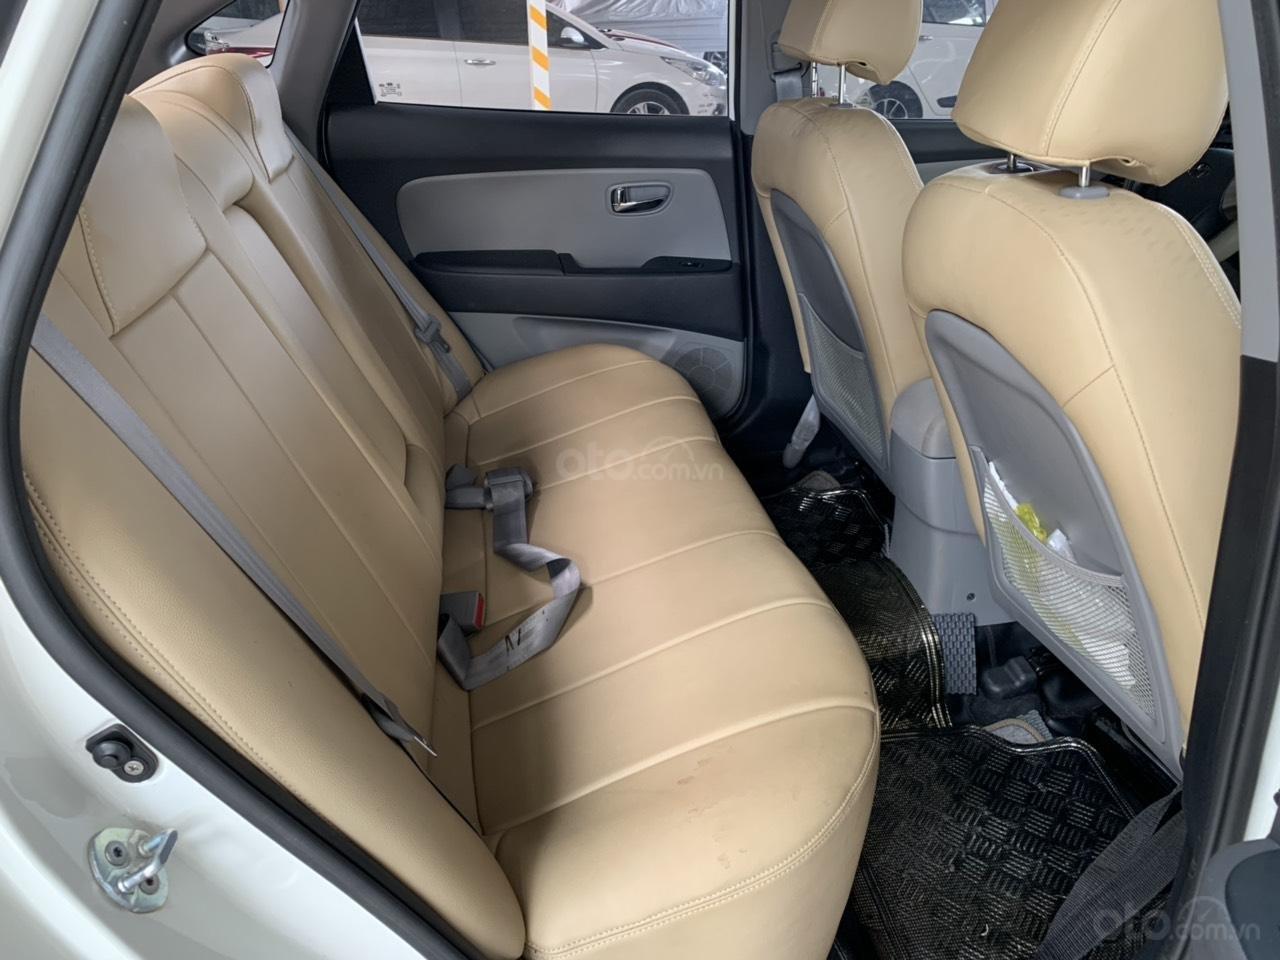 Cần bán Hyundai Avante 1.6MT đời 2016, màu trắng, không kinh doanh dịch vụ (5)